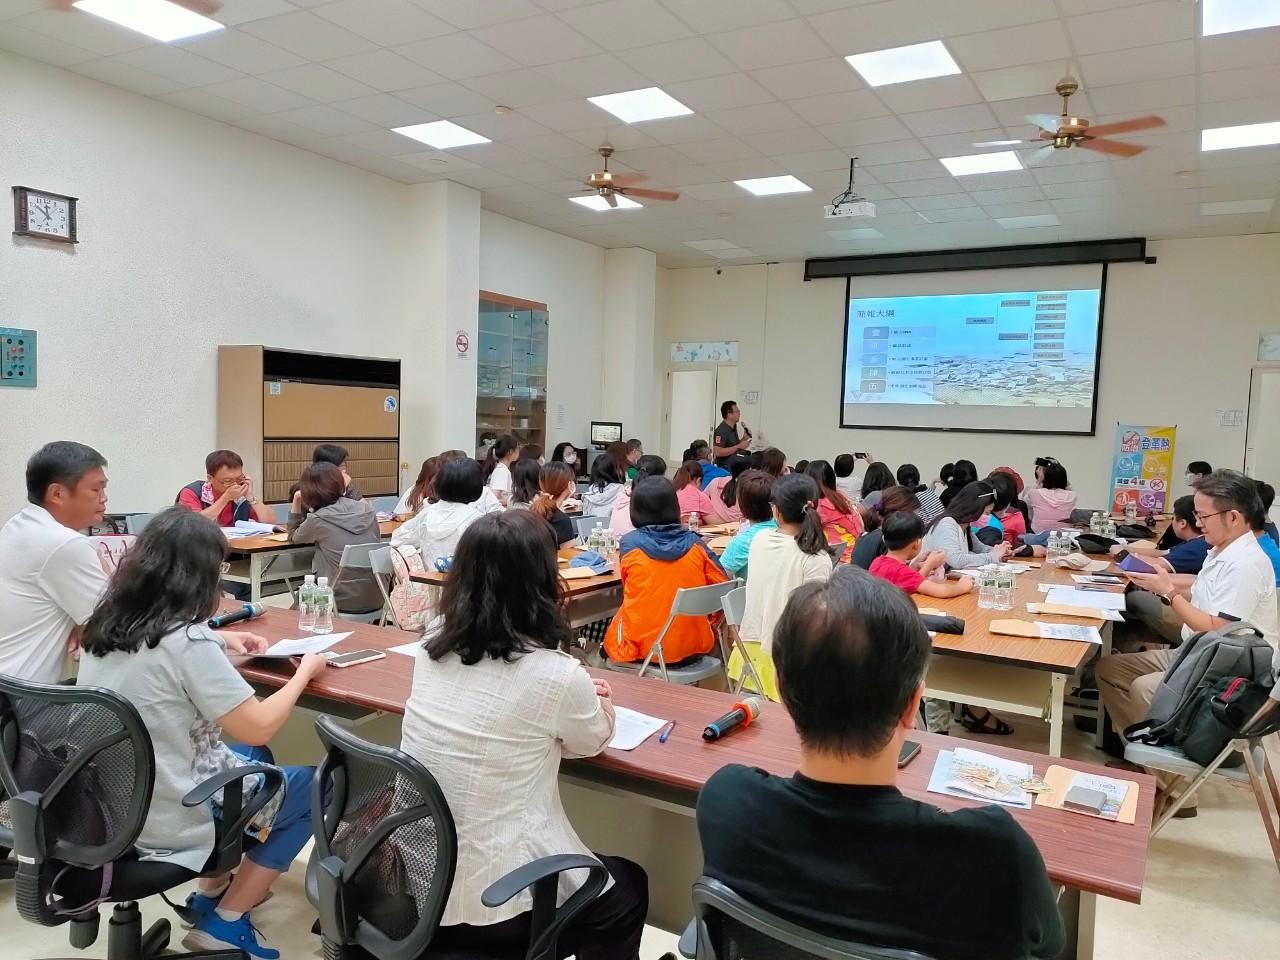 國立屏東大學高雄地方創生參訪-甲仙區